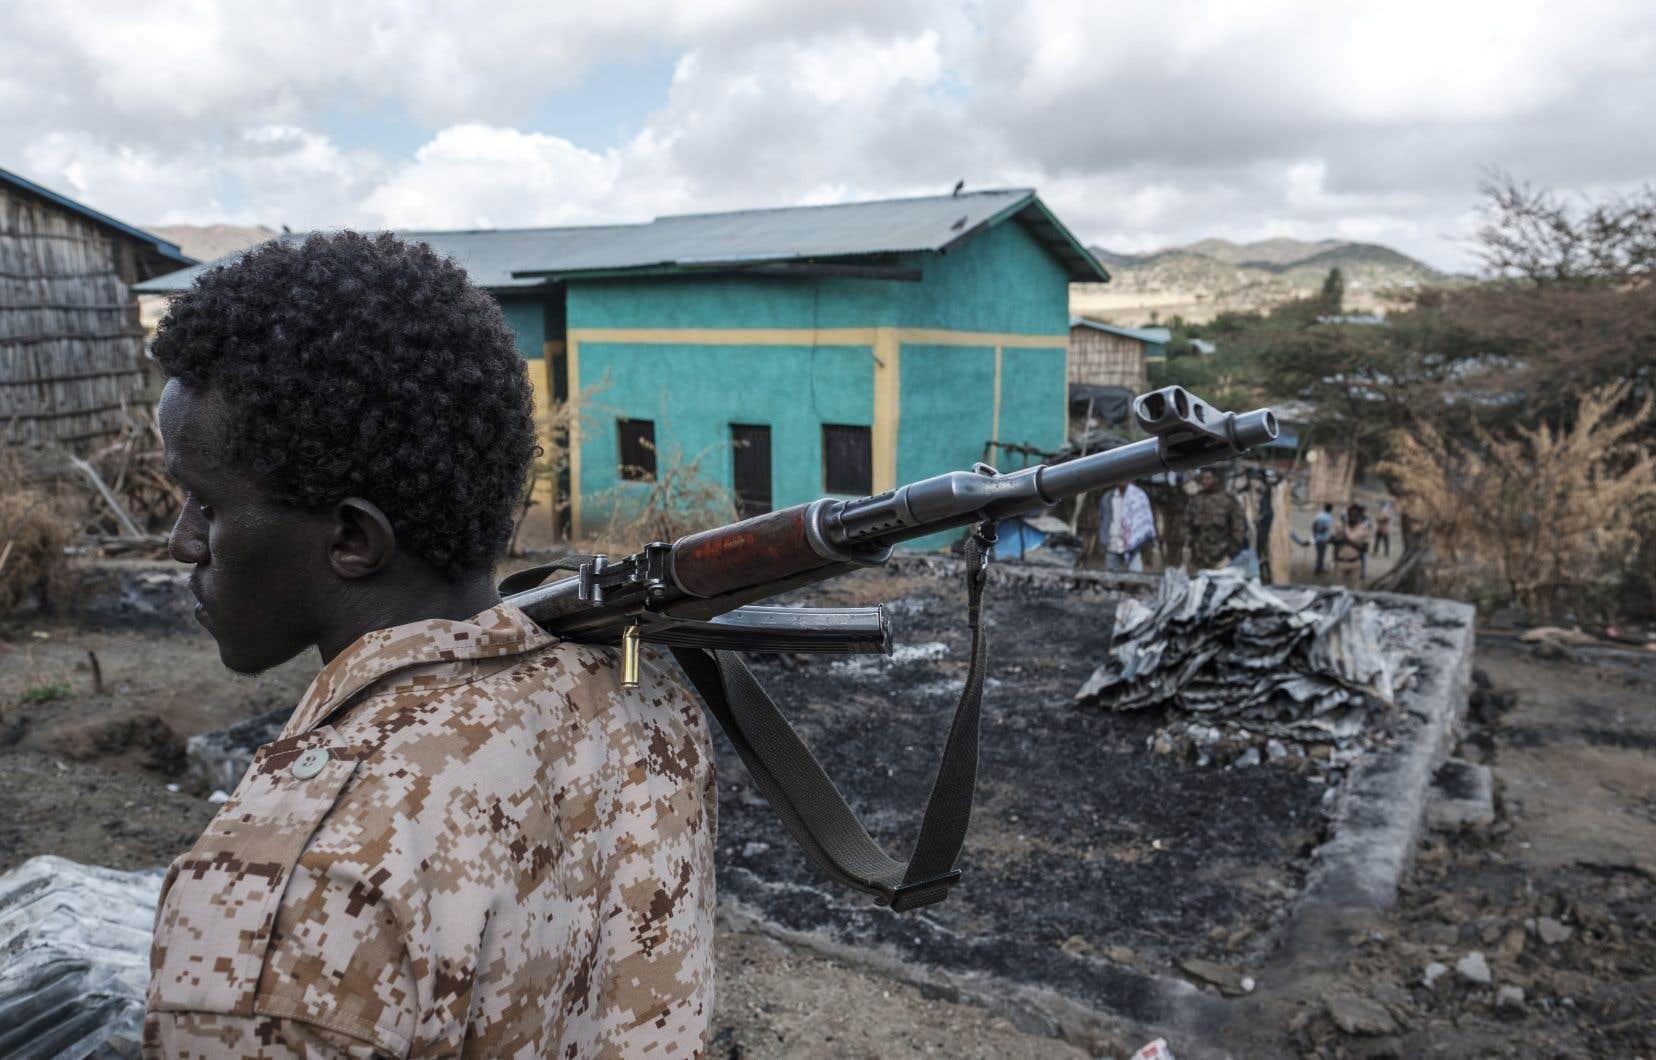 Les autorités rapportent qu'au moins 20 civils ont été tués dans des combats entre les rebelles et les forces pro-gouvernementales dans la région d'Afar.